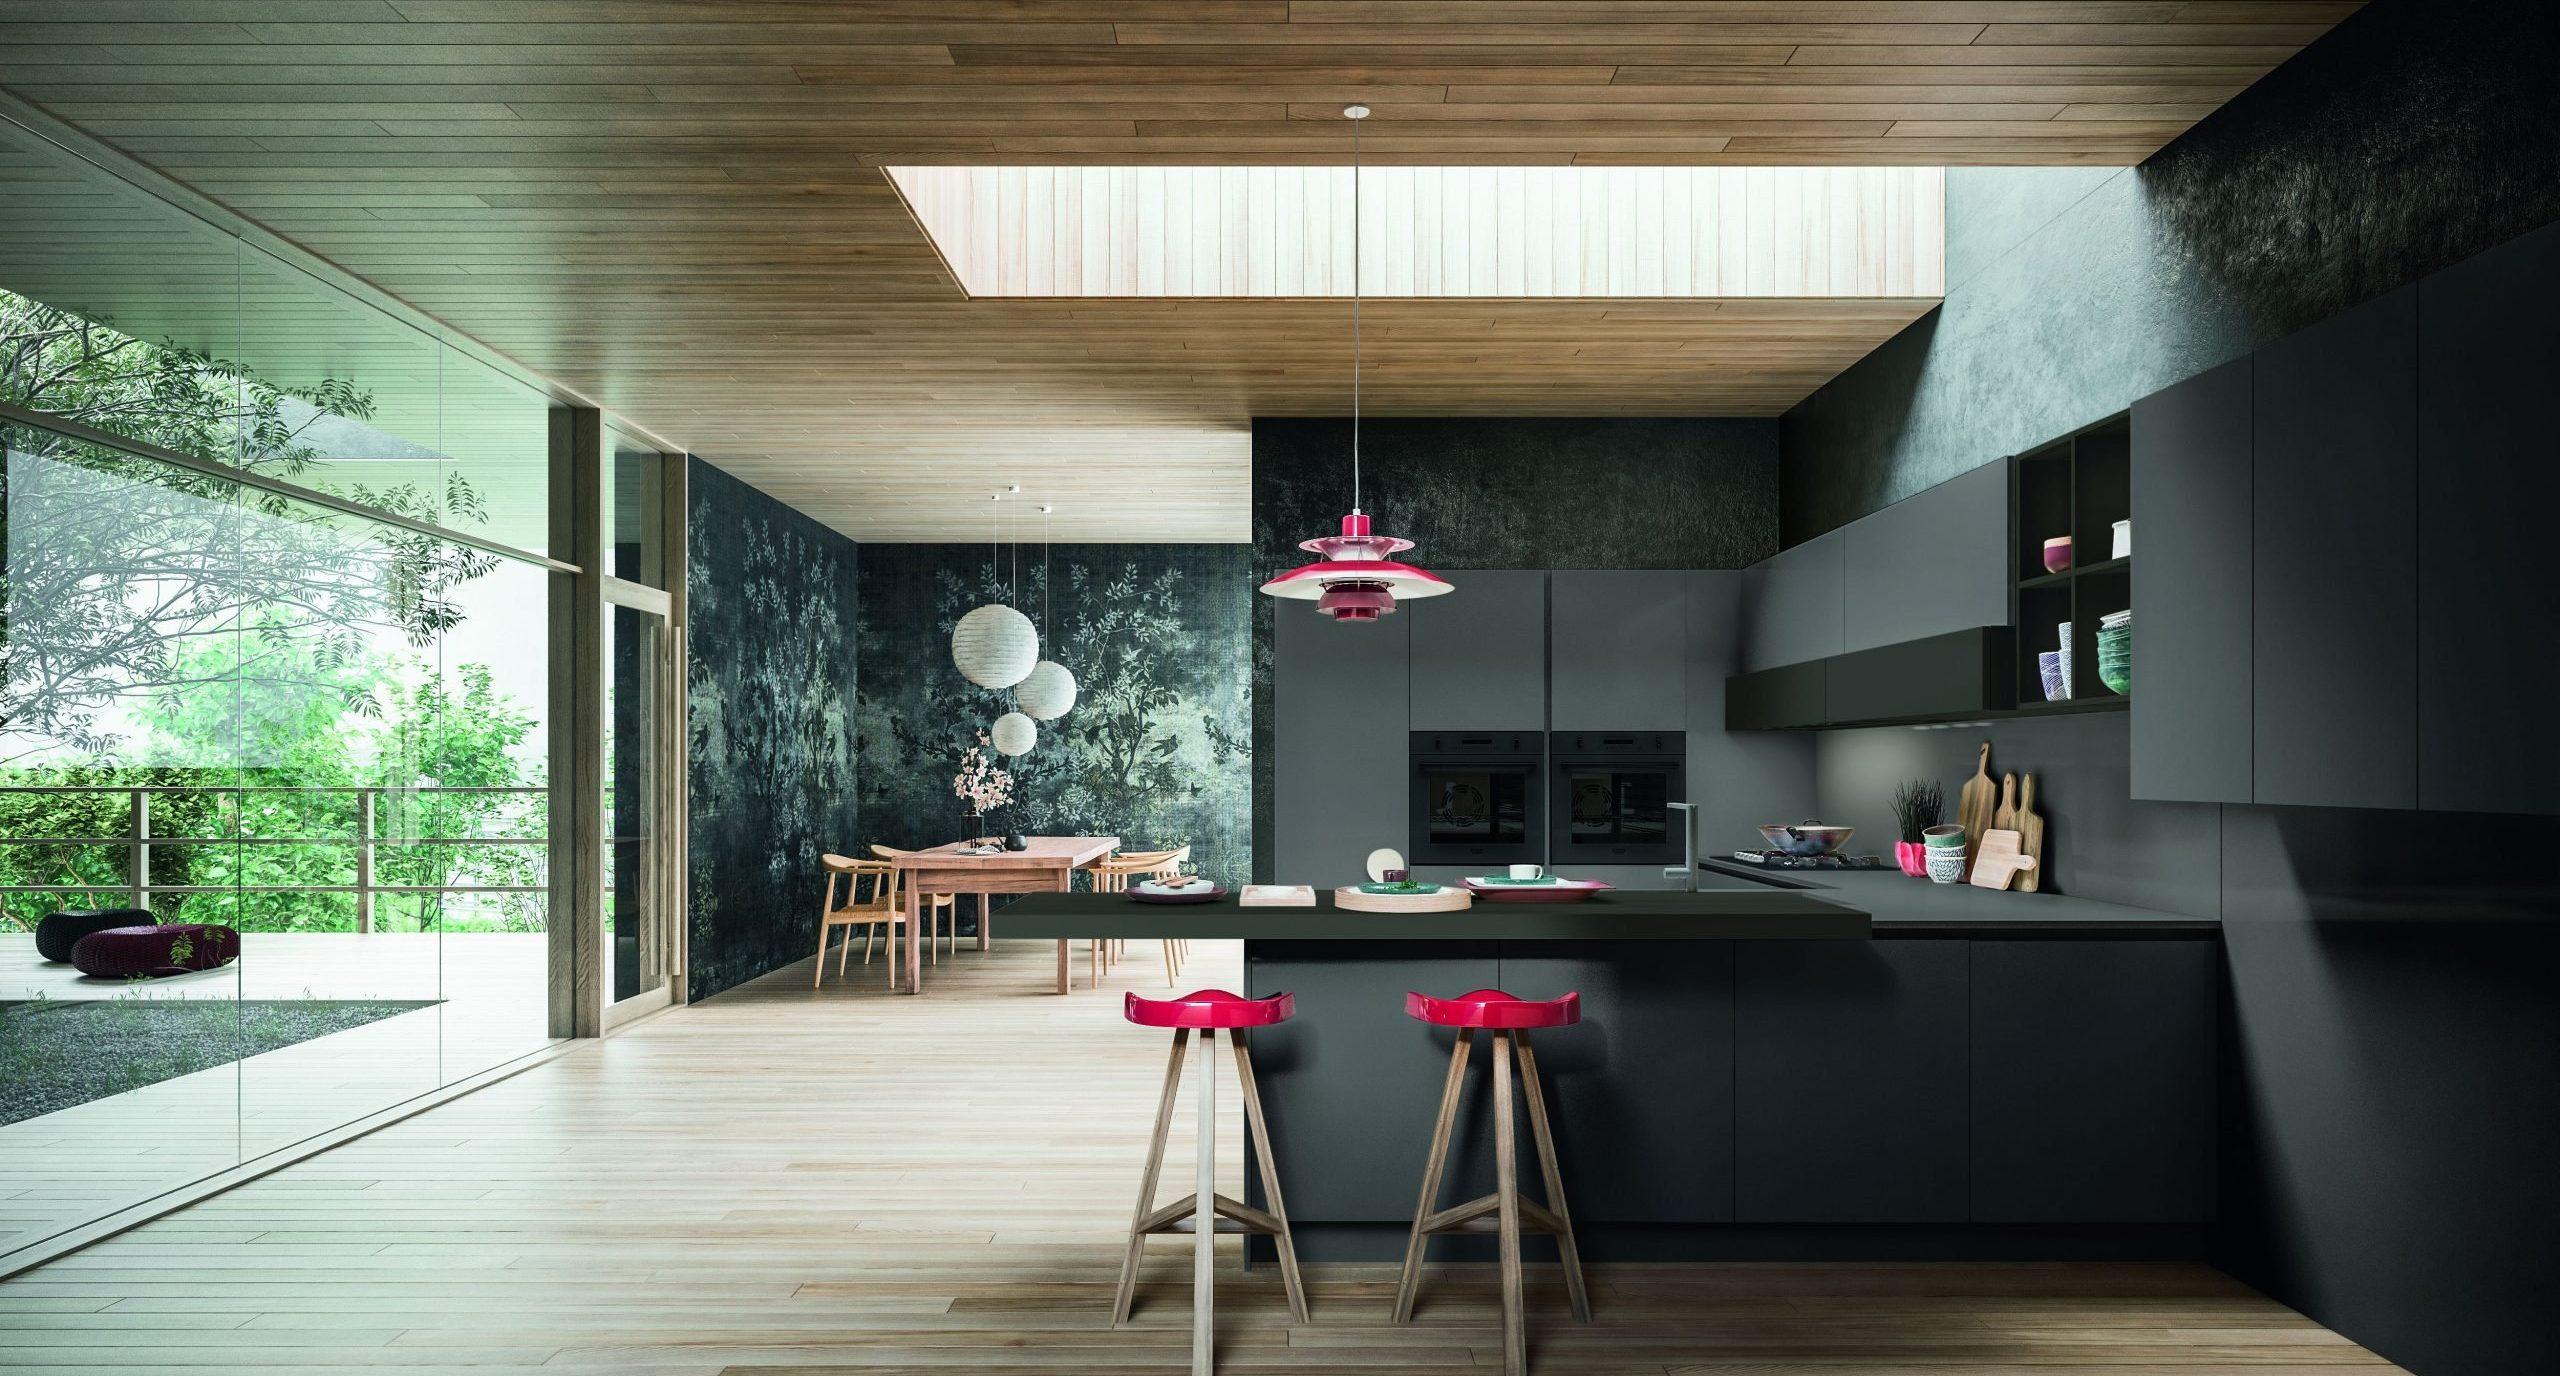 esempio di cucina design in fenix